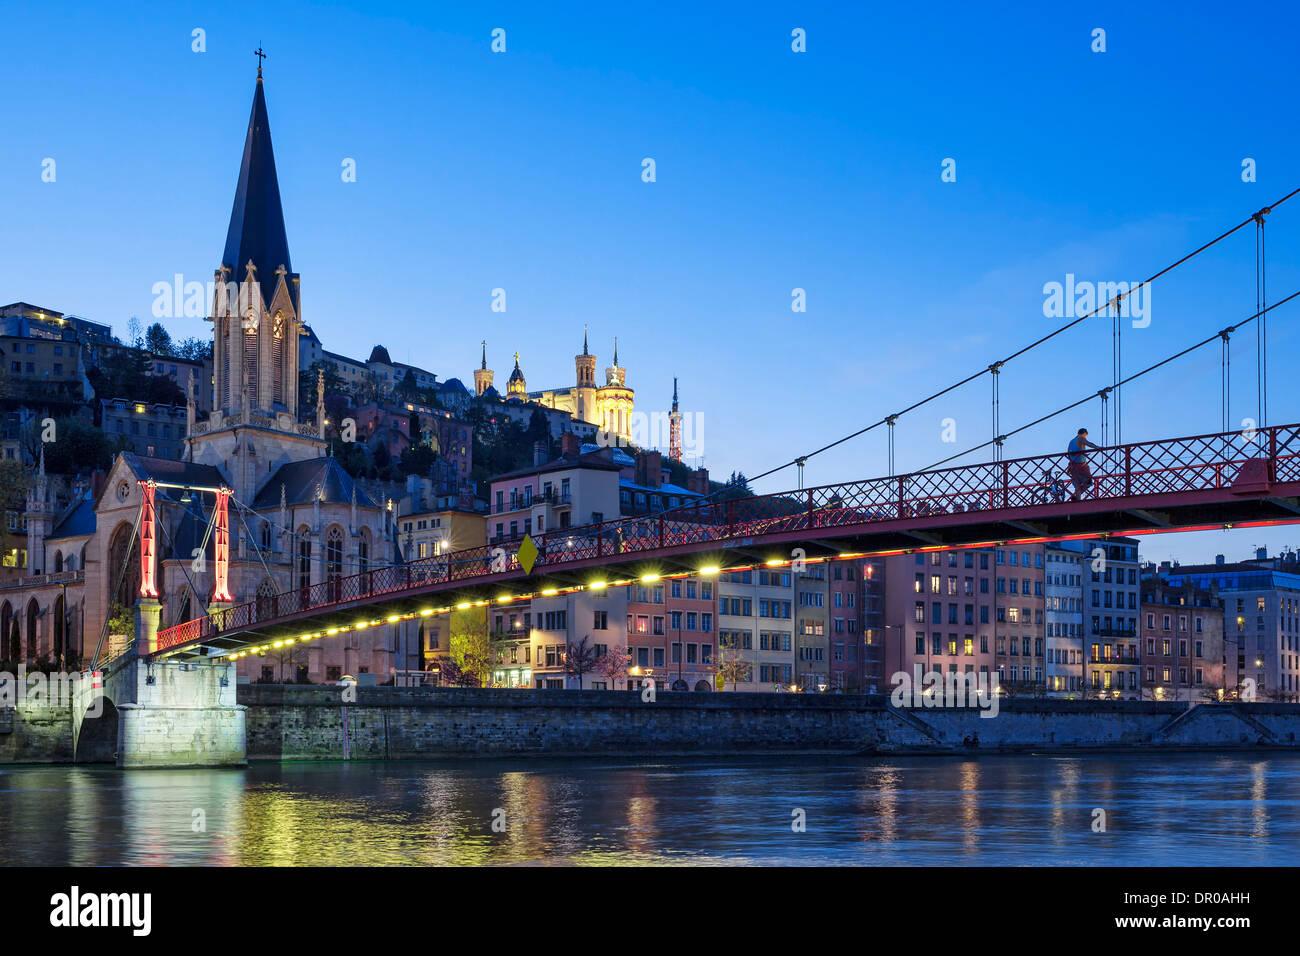 Berühmten Blick auf die Kirche in Lyon mit Saône in der Nacht Stockbild